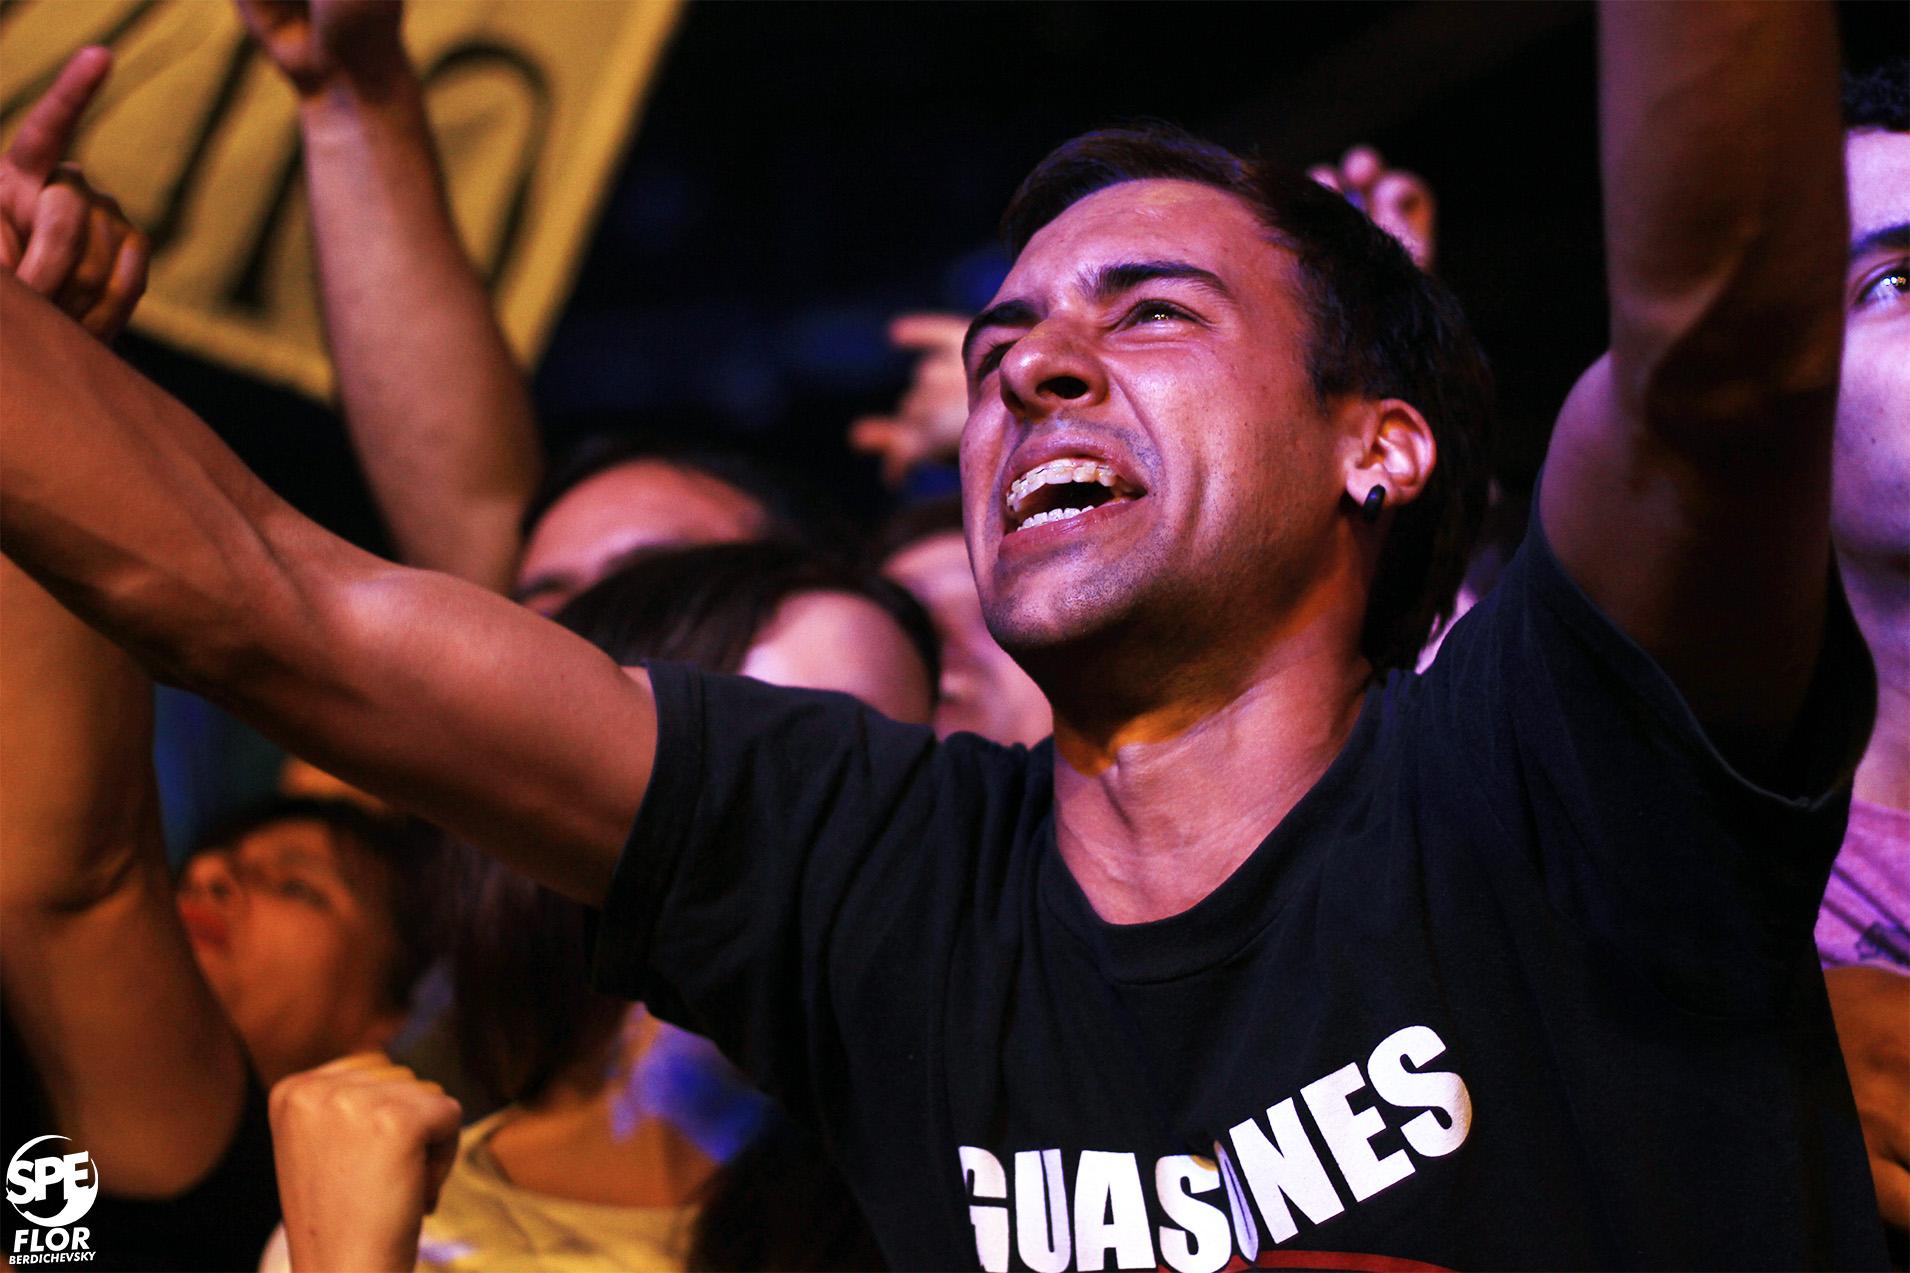 PúblicoGuasones-EstadioObras-5.10.18 1.jpg